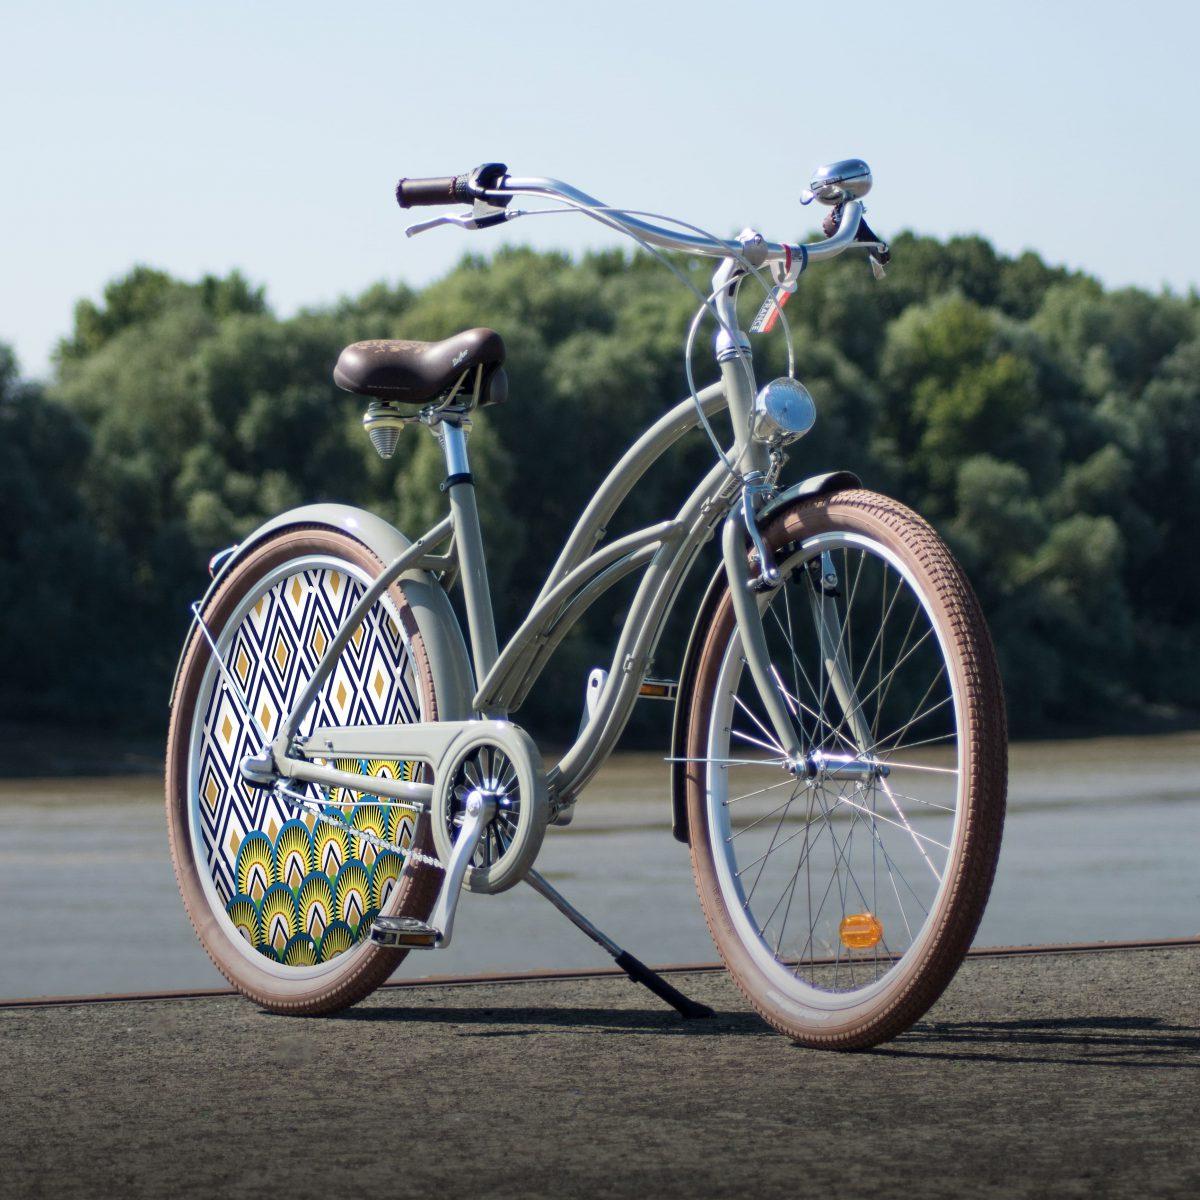 Vélo de collection Indigo. Au look contemporain, ce vélo de ville Cruiser est un must have pour vos trajets en ville